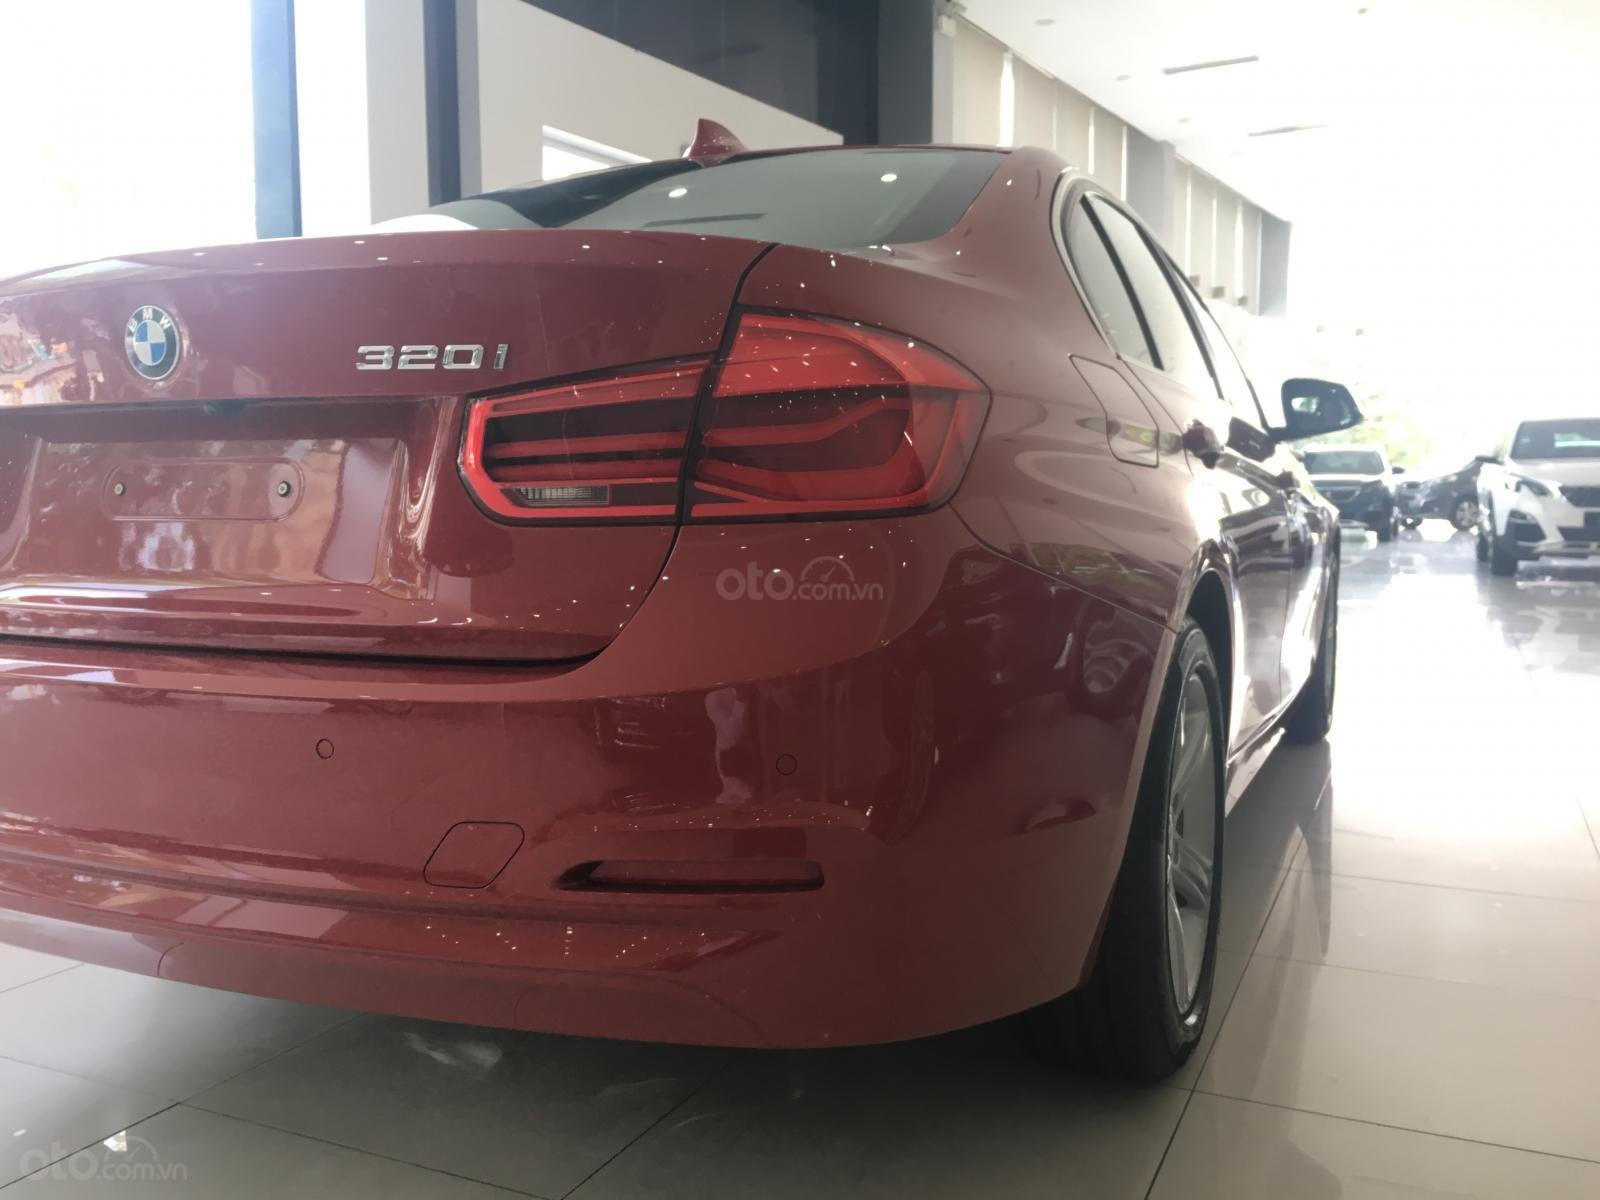 Ưu đãi 16% giá xe BMW 320i - xe có sẵn - giao xe ngay (12)